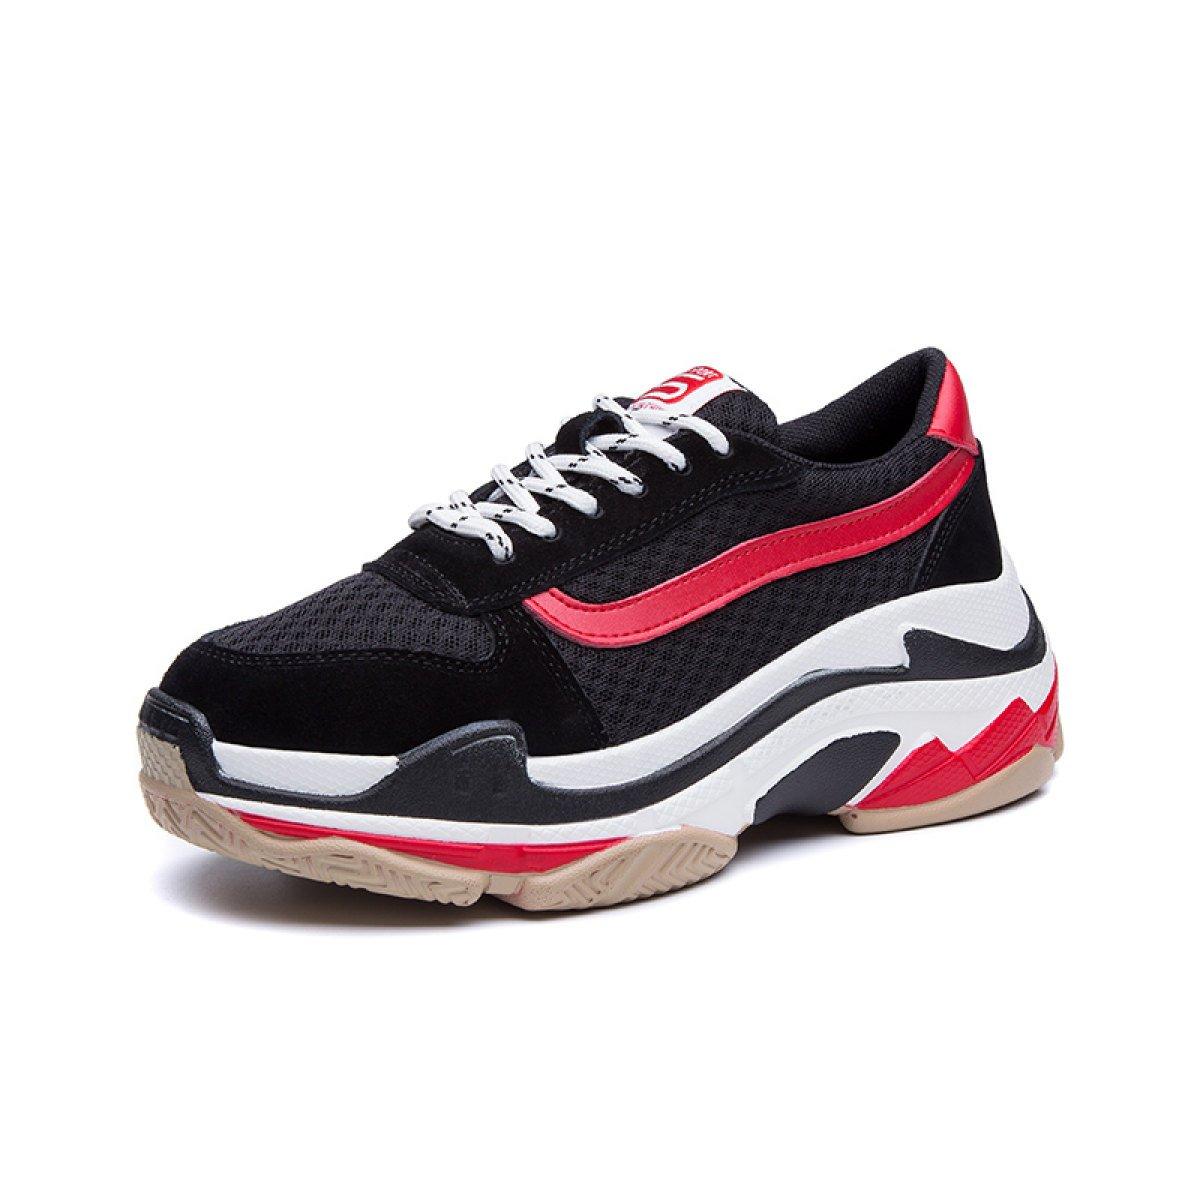 Yrps Zapatillas De Deporte Femeninas De La Primavera Zapatos Casuales Salvajes De La Muchacha Zapatillas De Deporte De La Moda 38 EU|D